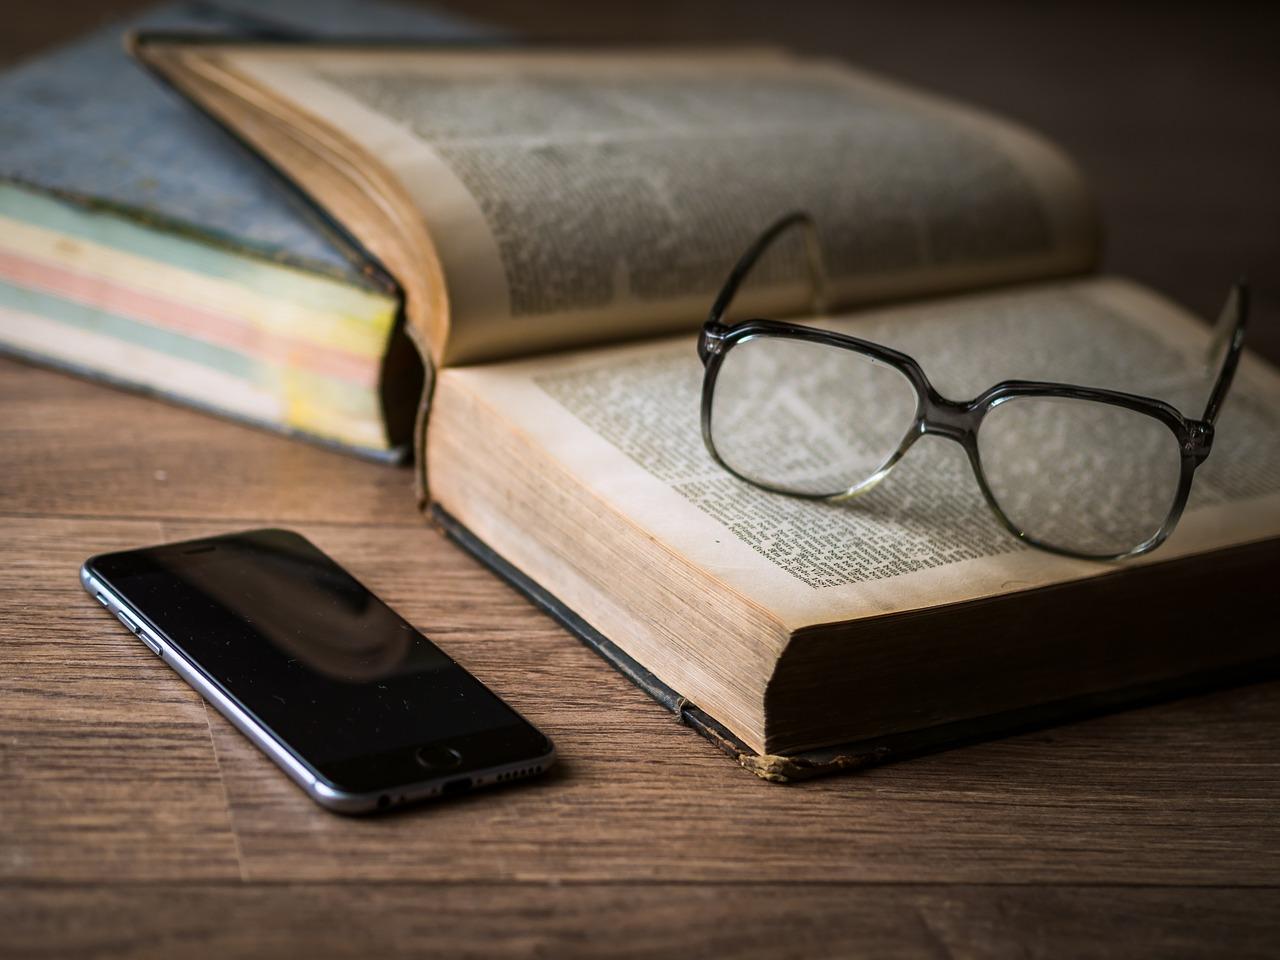 como-aprender-mas-en-menos-tiempo-la-clave-del-exito-en-los-estudios